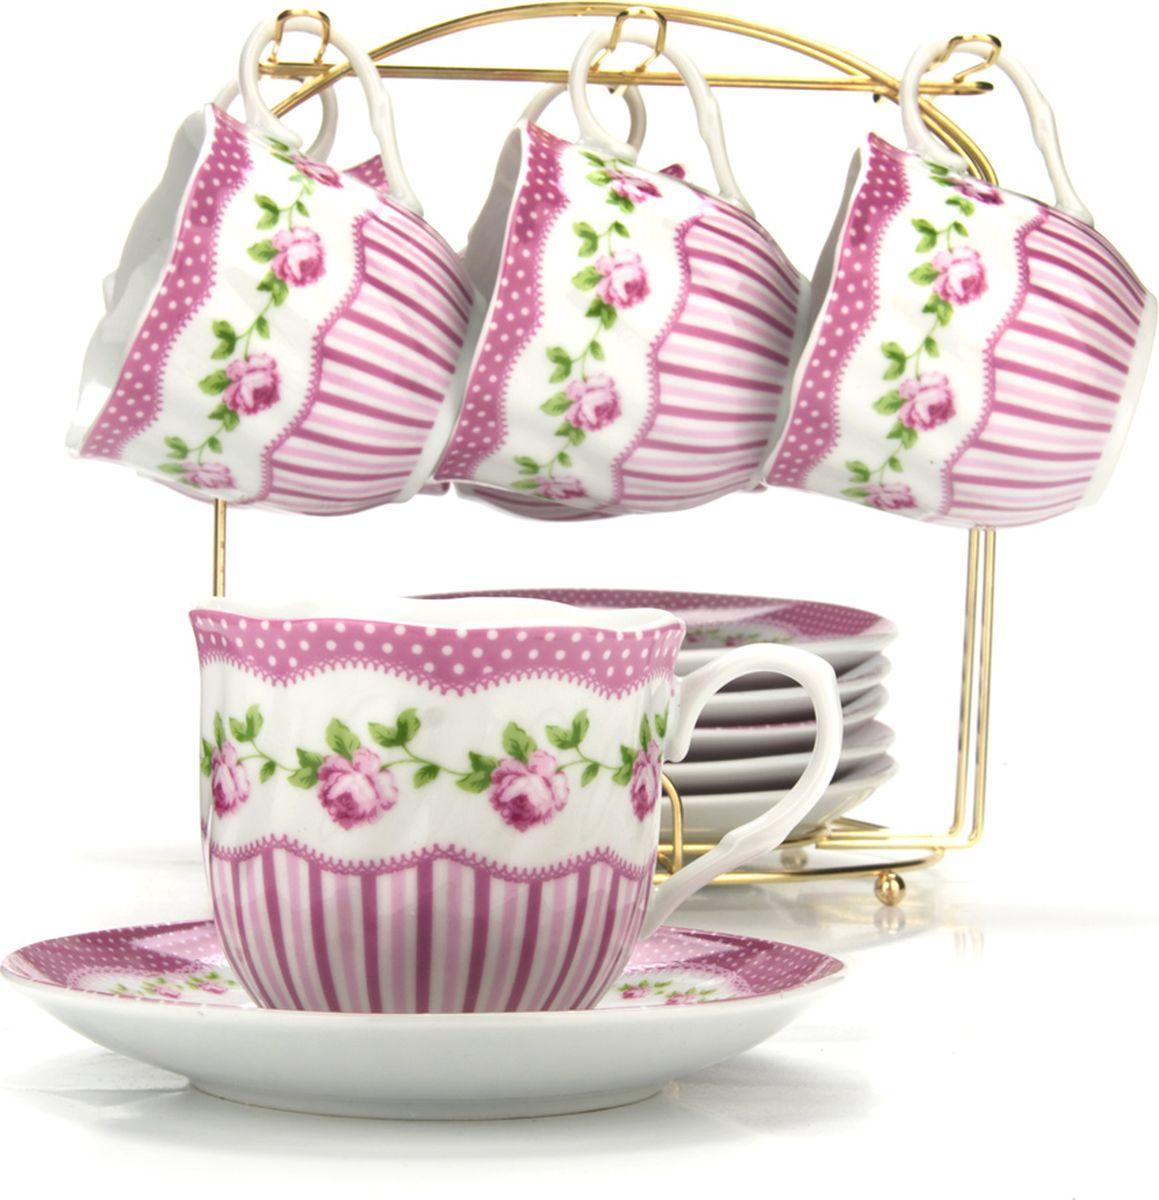 Сервиз чайный Loraine, на подставке, 13 предметов. 4328621395599Чайный набор состоит из шести чашек, шести блюдец и металлической подставки золотого цвета. Предметы набора изготовлены из качественного фарфора и оформлены красочным цветным рисунком, стенки чашек имеют изящную волнистую поверхность. Чайный набор идеально подойдет для сервировки стола и станет отличным подарком к любому празднику. Все изделия можно компактно хранить на подставке, входящей в набор. Подходит для мытья в посудомоечной машине.Диаметр чашки: 8 см.Высота чашки: 7 см.Объем чашки: 200 мл.Диаметр блюдца: 13,5 см.